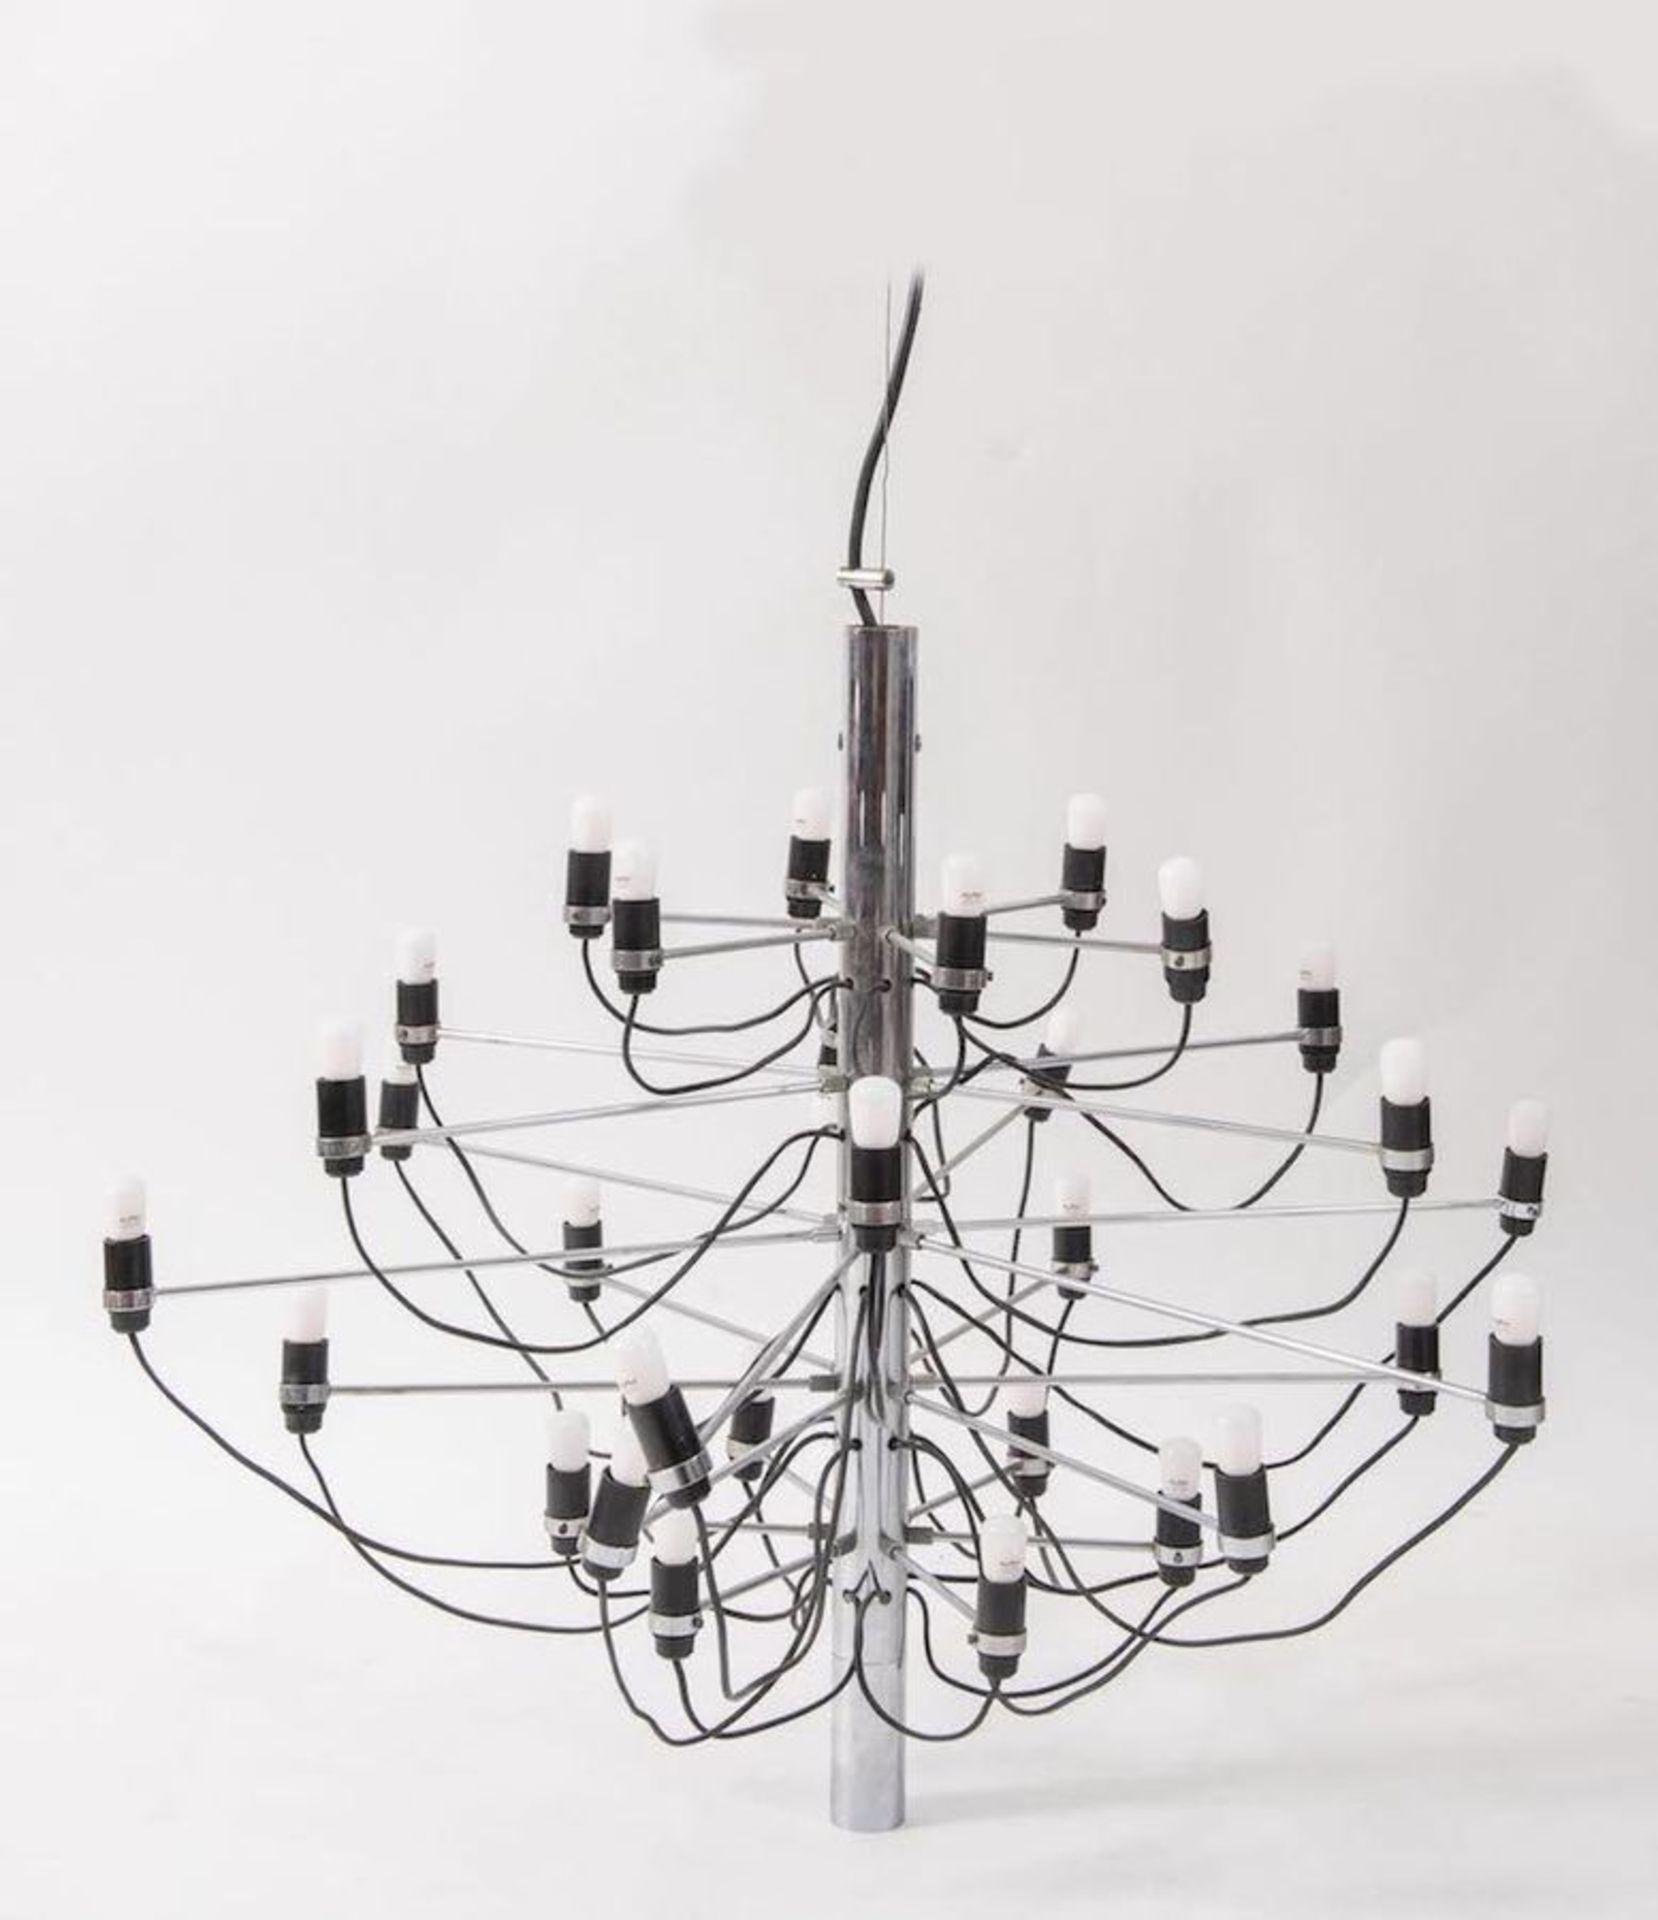 GINO SARFATTI Lampadario in acciaio cromato con portalampade in bachelite modello 2097/30. Prod. Art